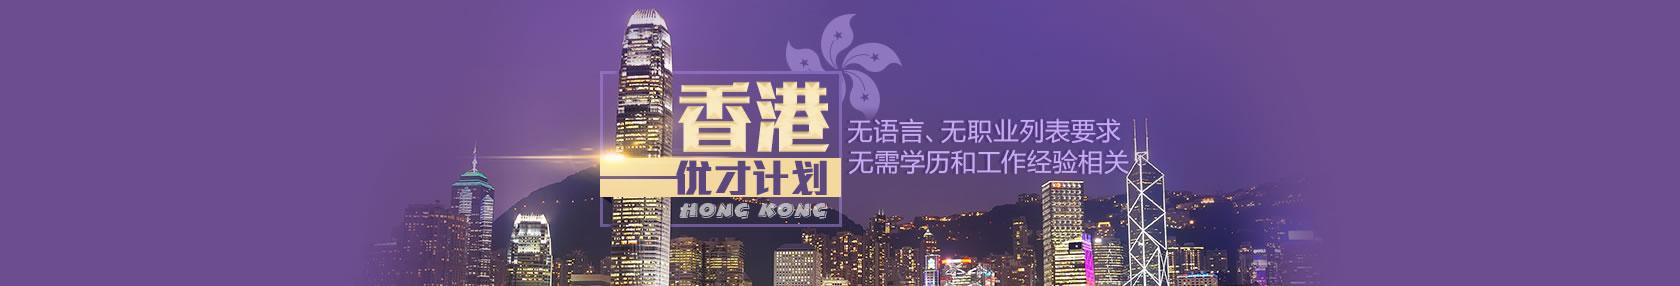 香港优才计划申请条件简单:无语言、职业列表要求,无需学历和工作经验相关